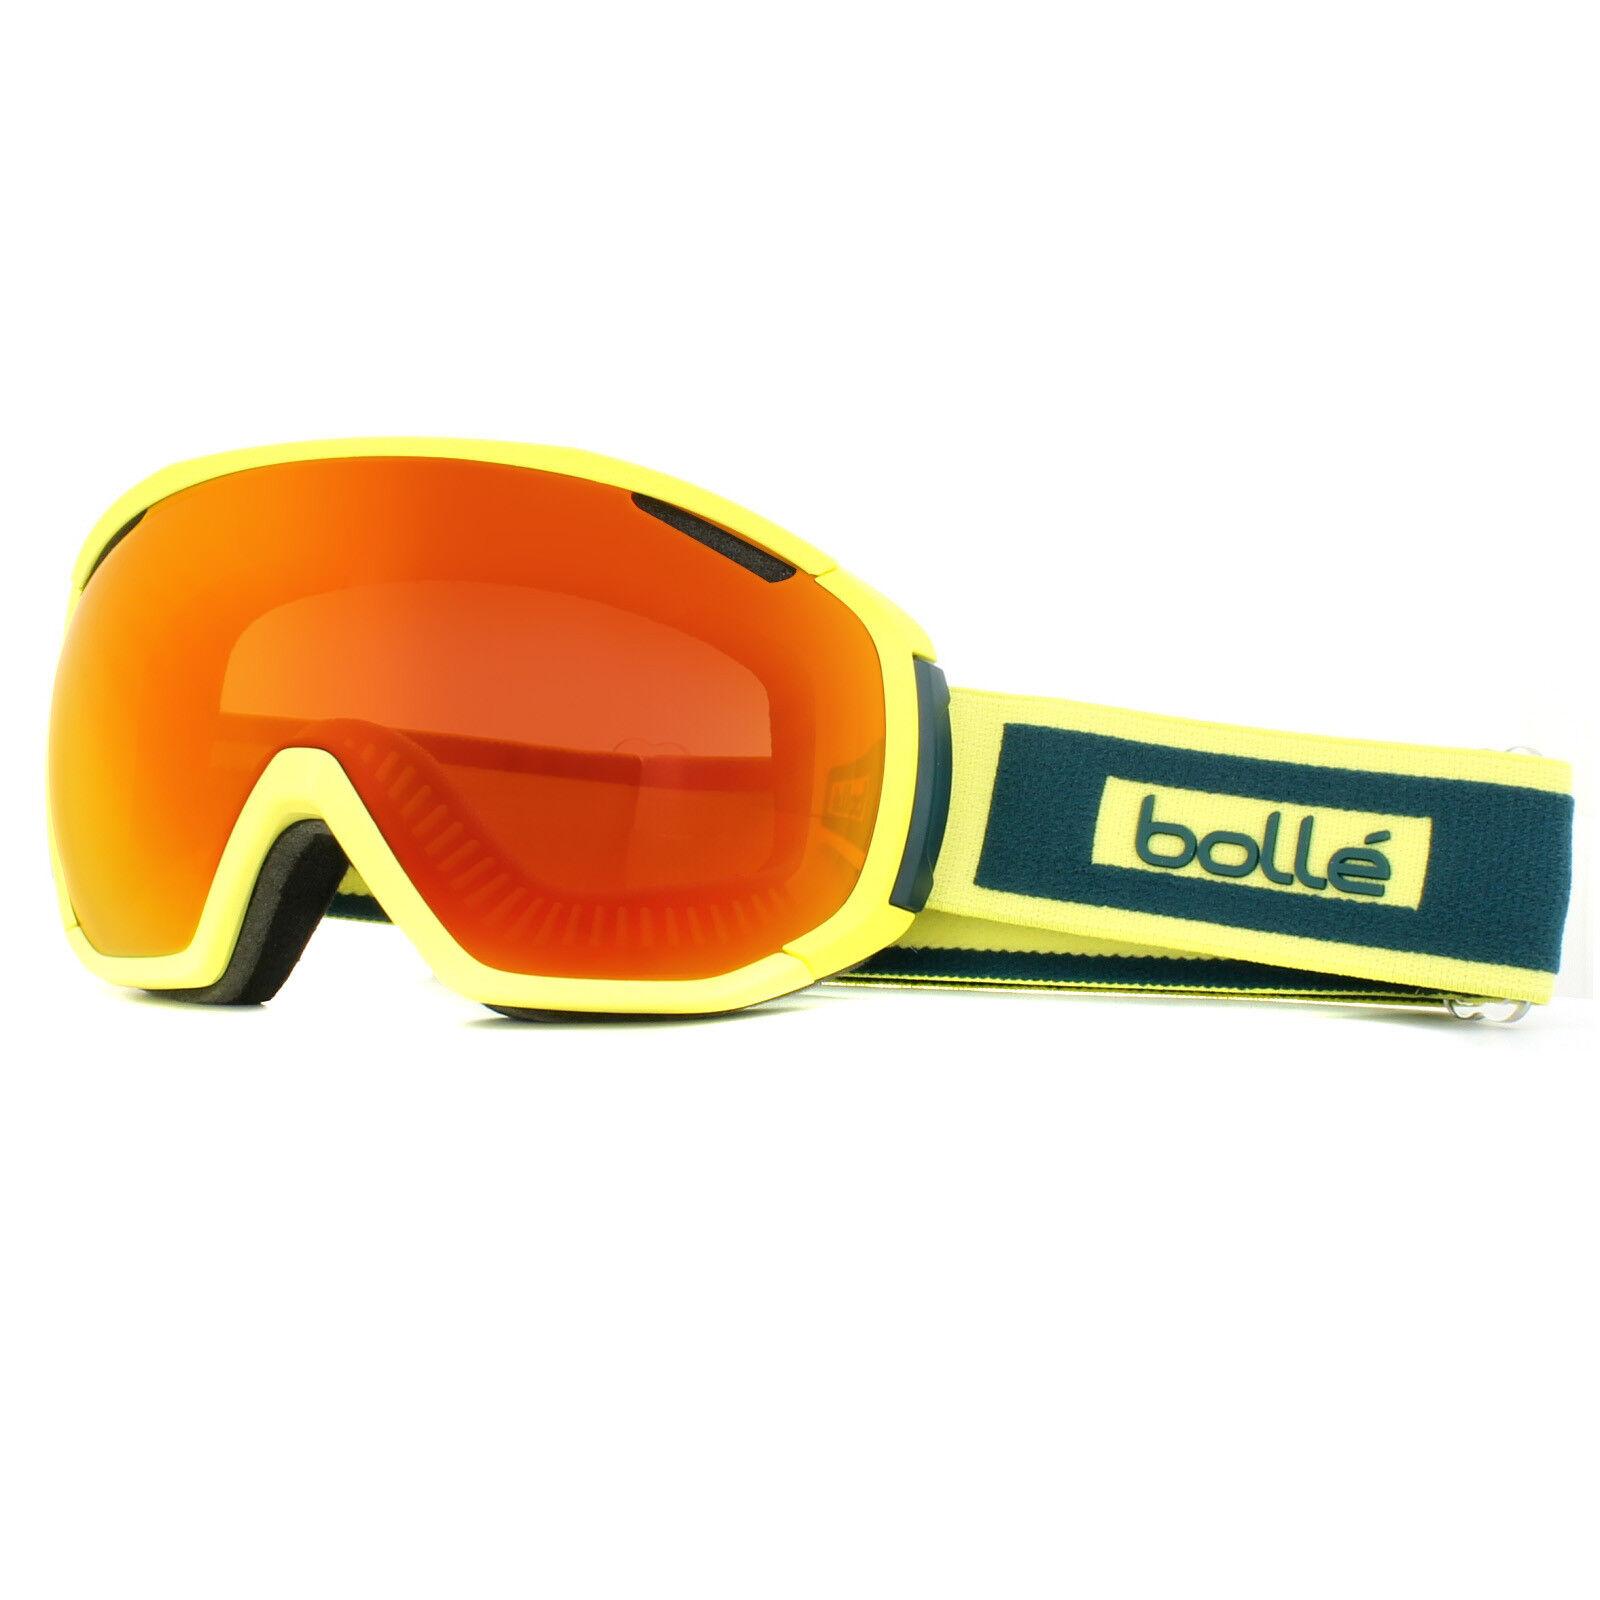 Bolle Lunettes de Ski Tsar 21443 Matte Gelb Teal Sunrise